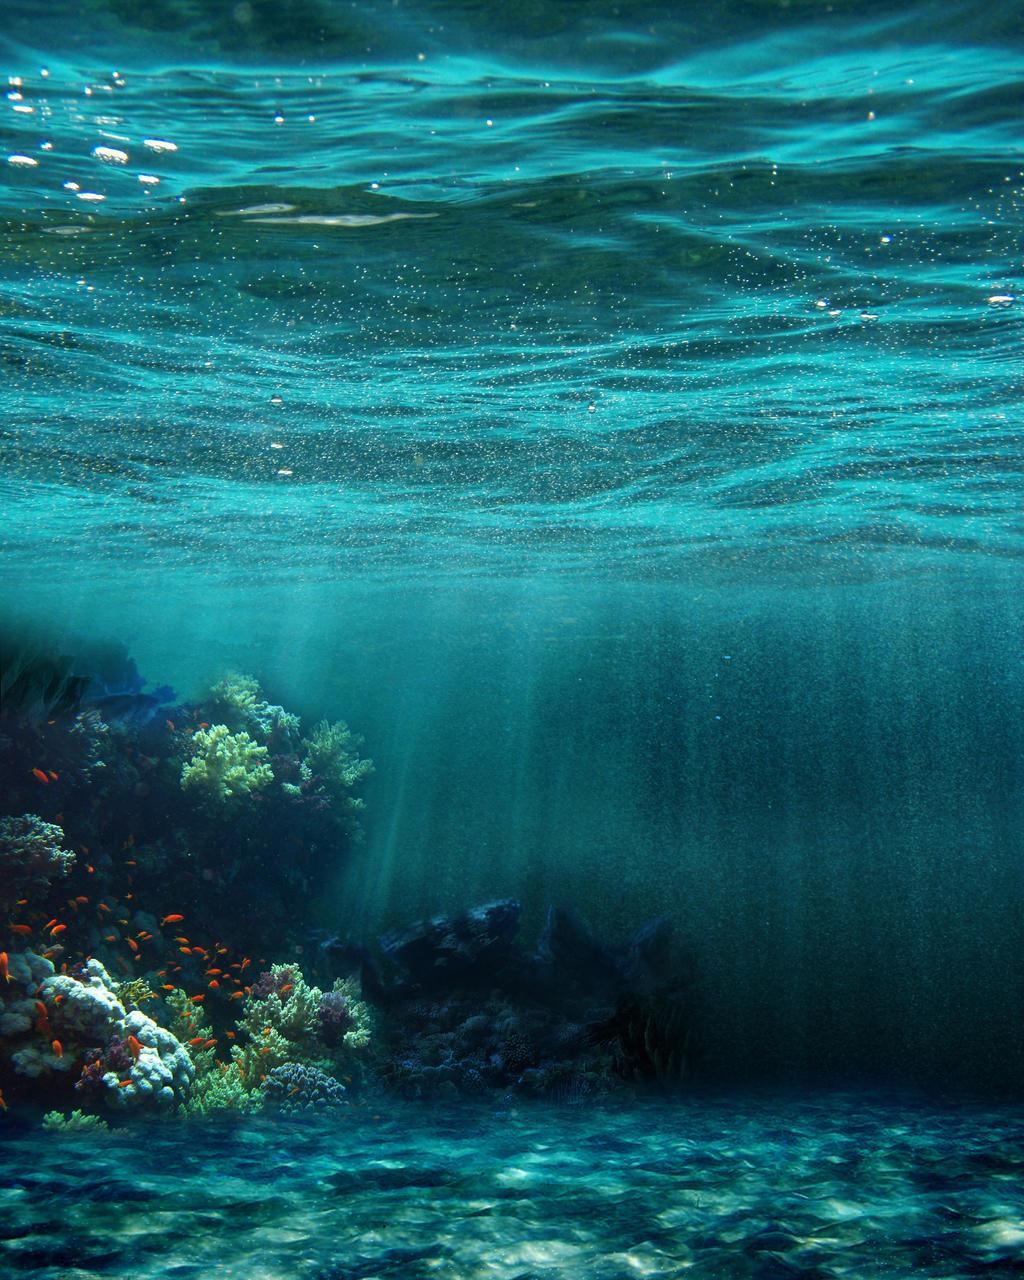 Underwater Bg 2 by Moonglowlilly on DeviantArt